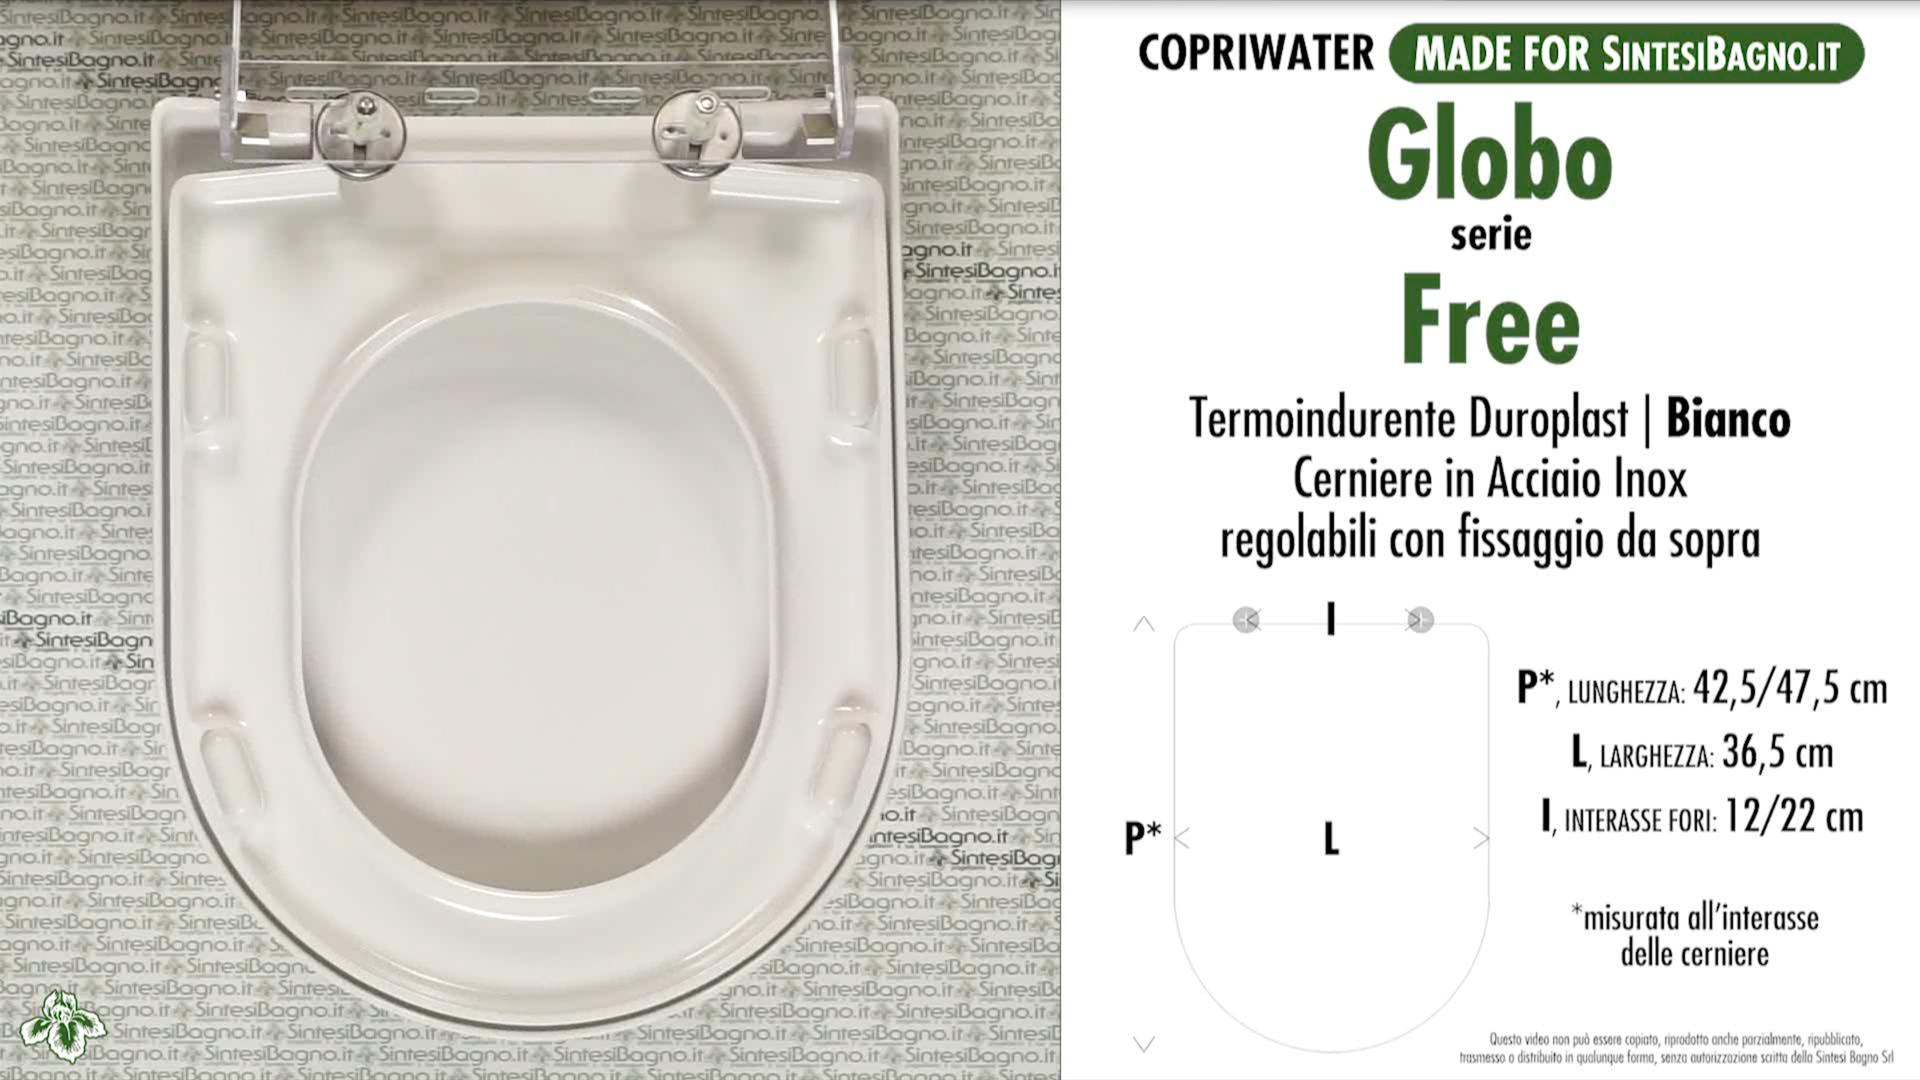 SCHEDA TECNICA MISURE copriwater GLOBO FREE